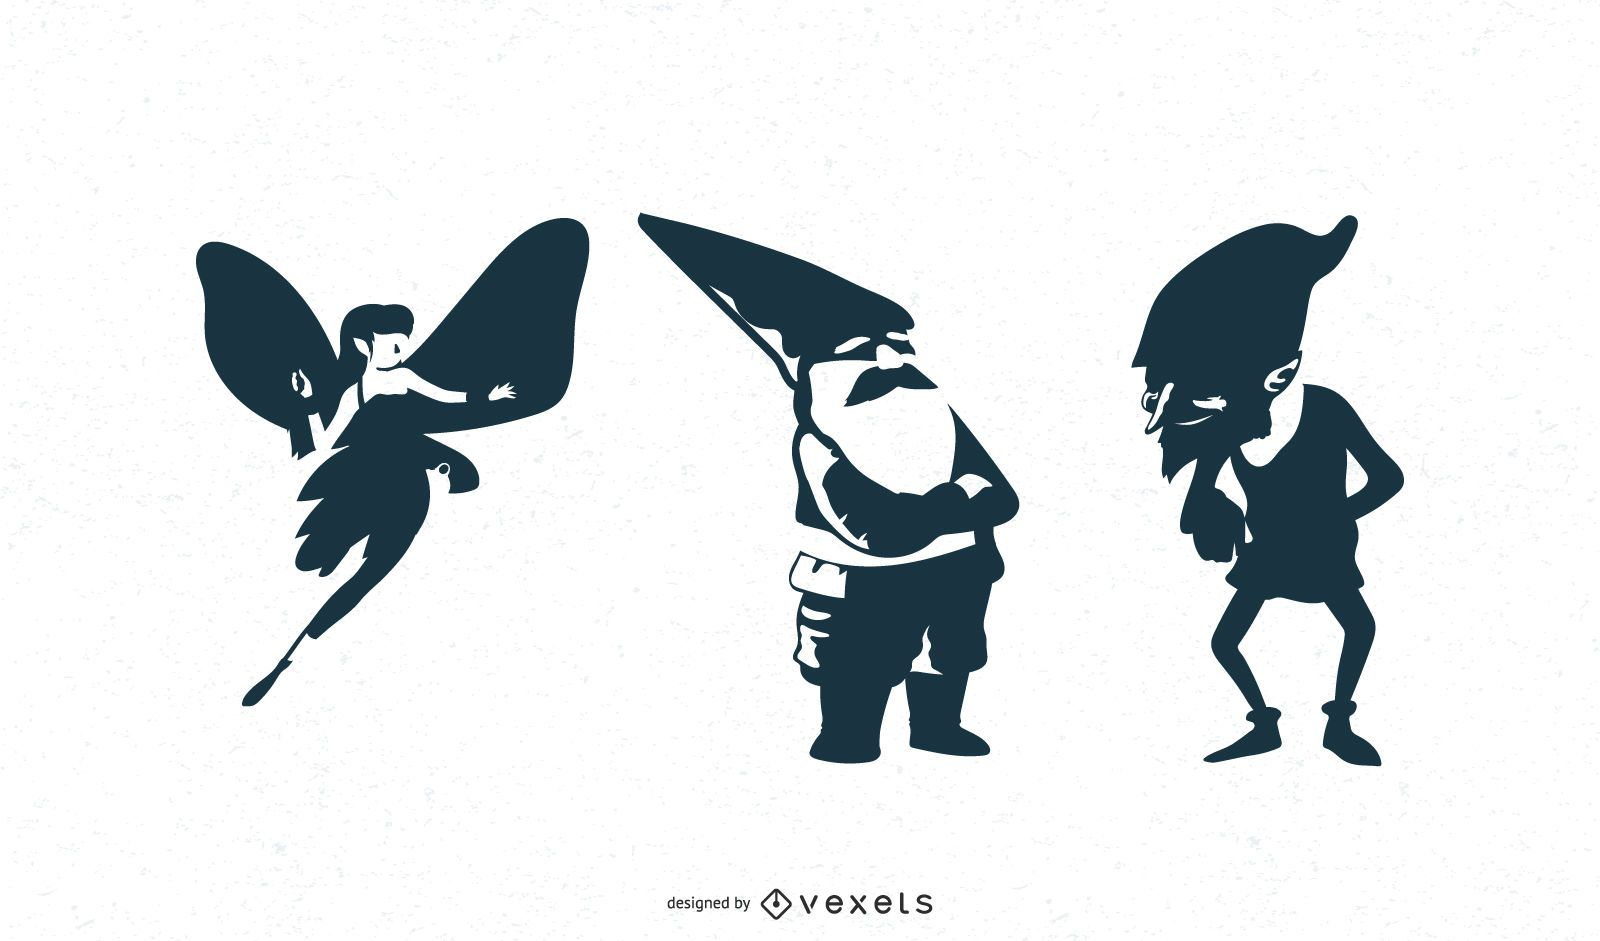 Siluetas de personajes de fantasía